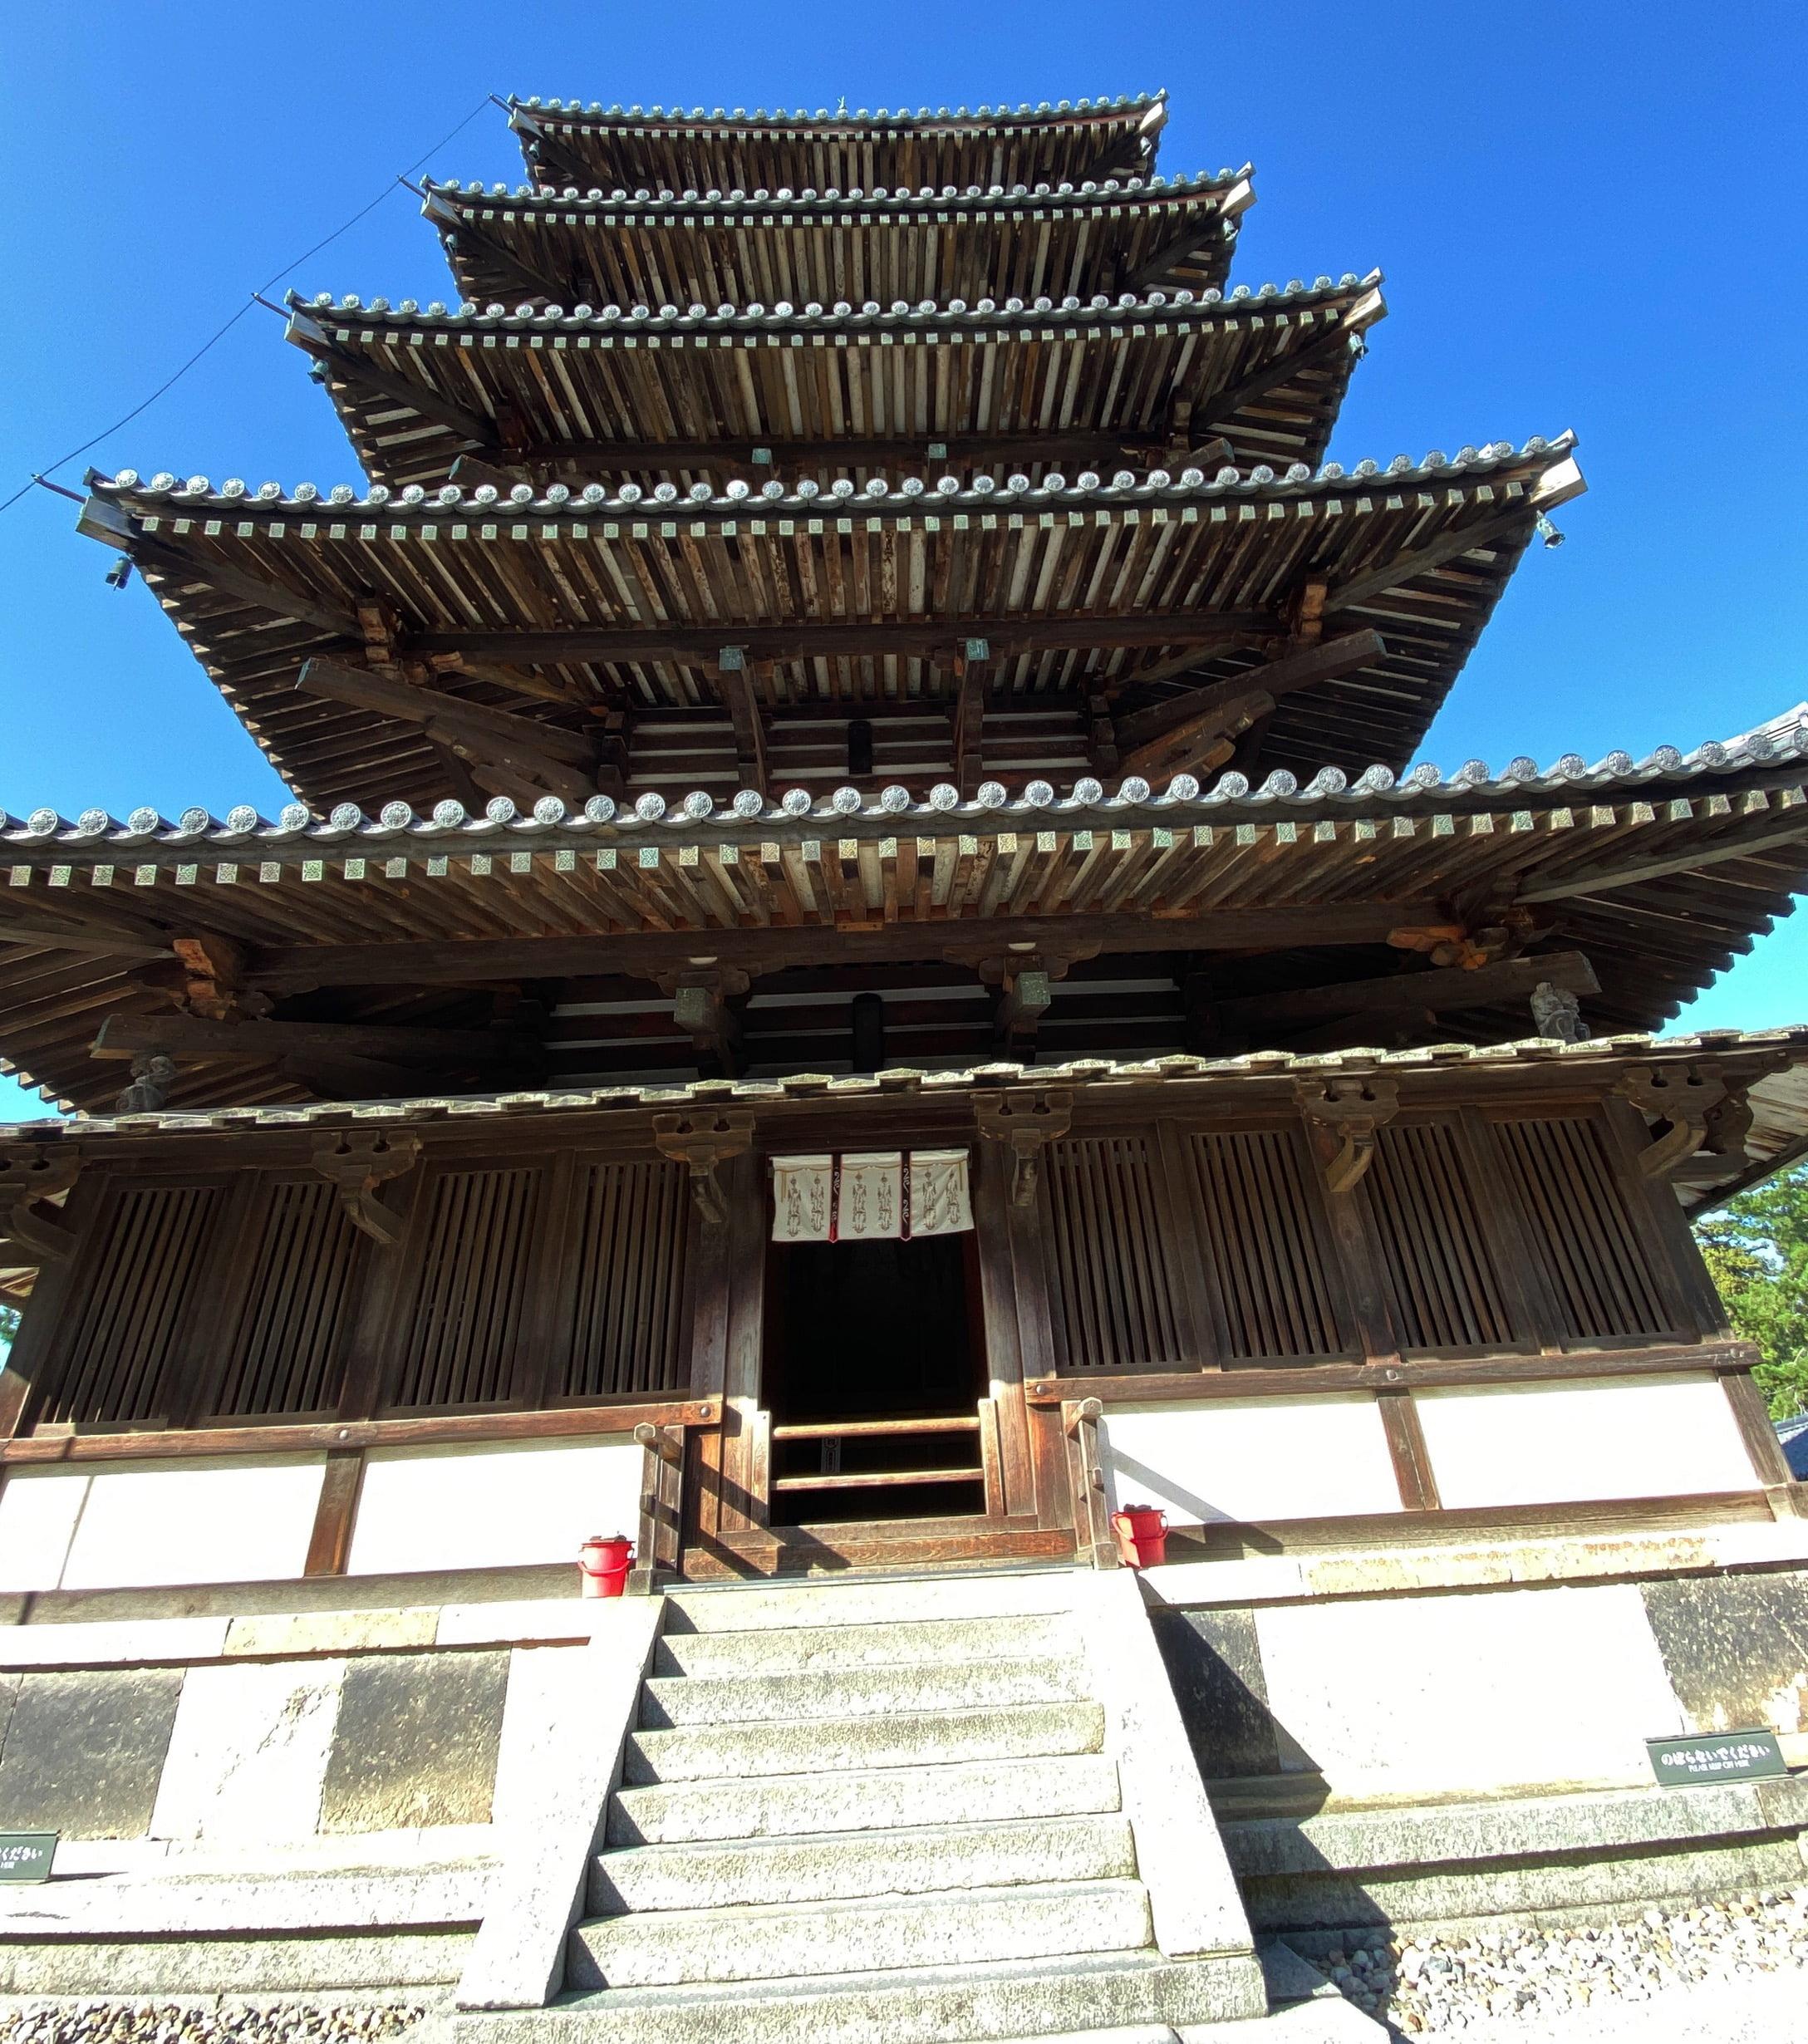 「法隆寺 五重塔」の画像検索結果